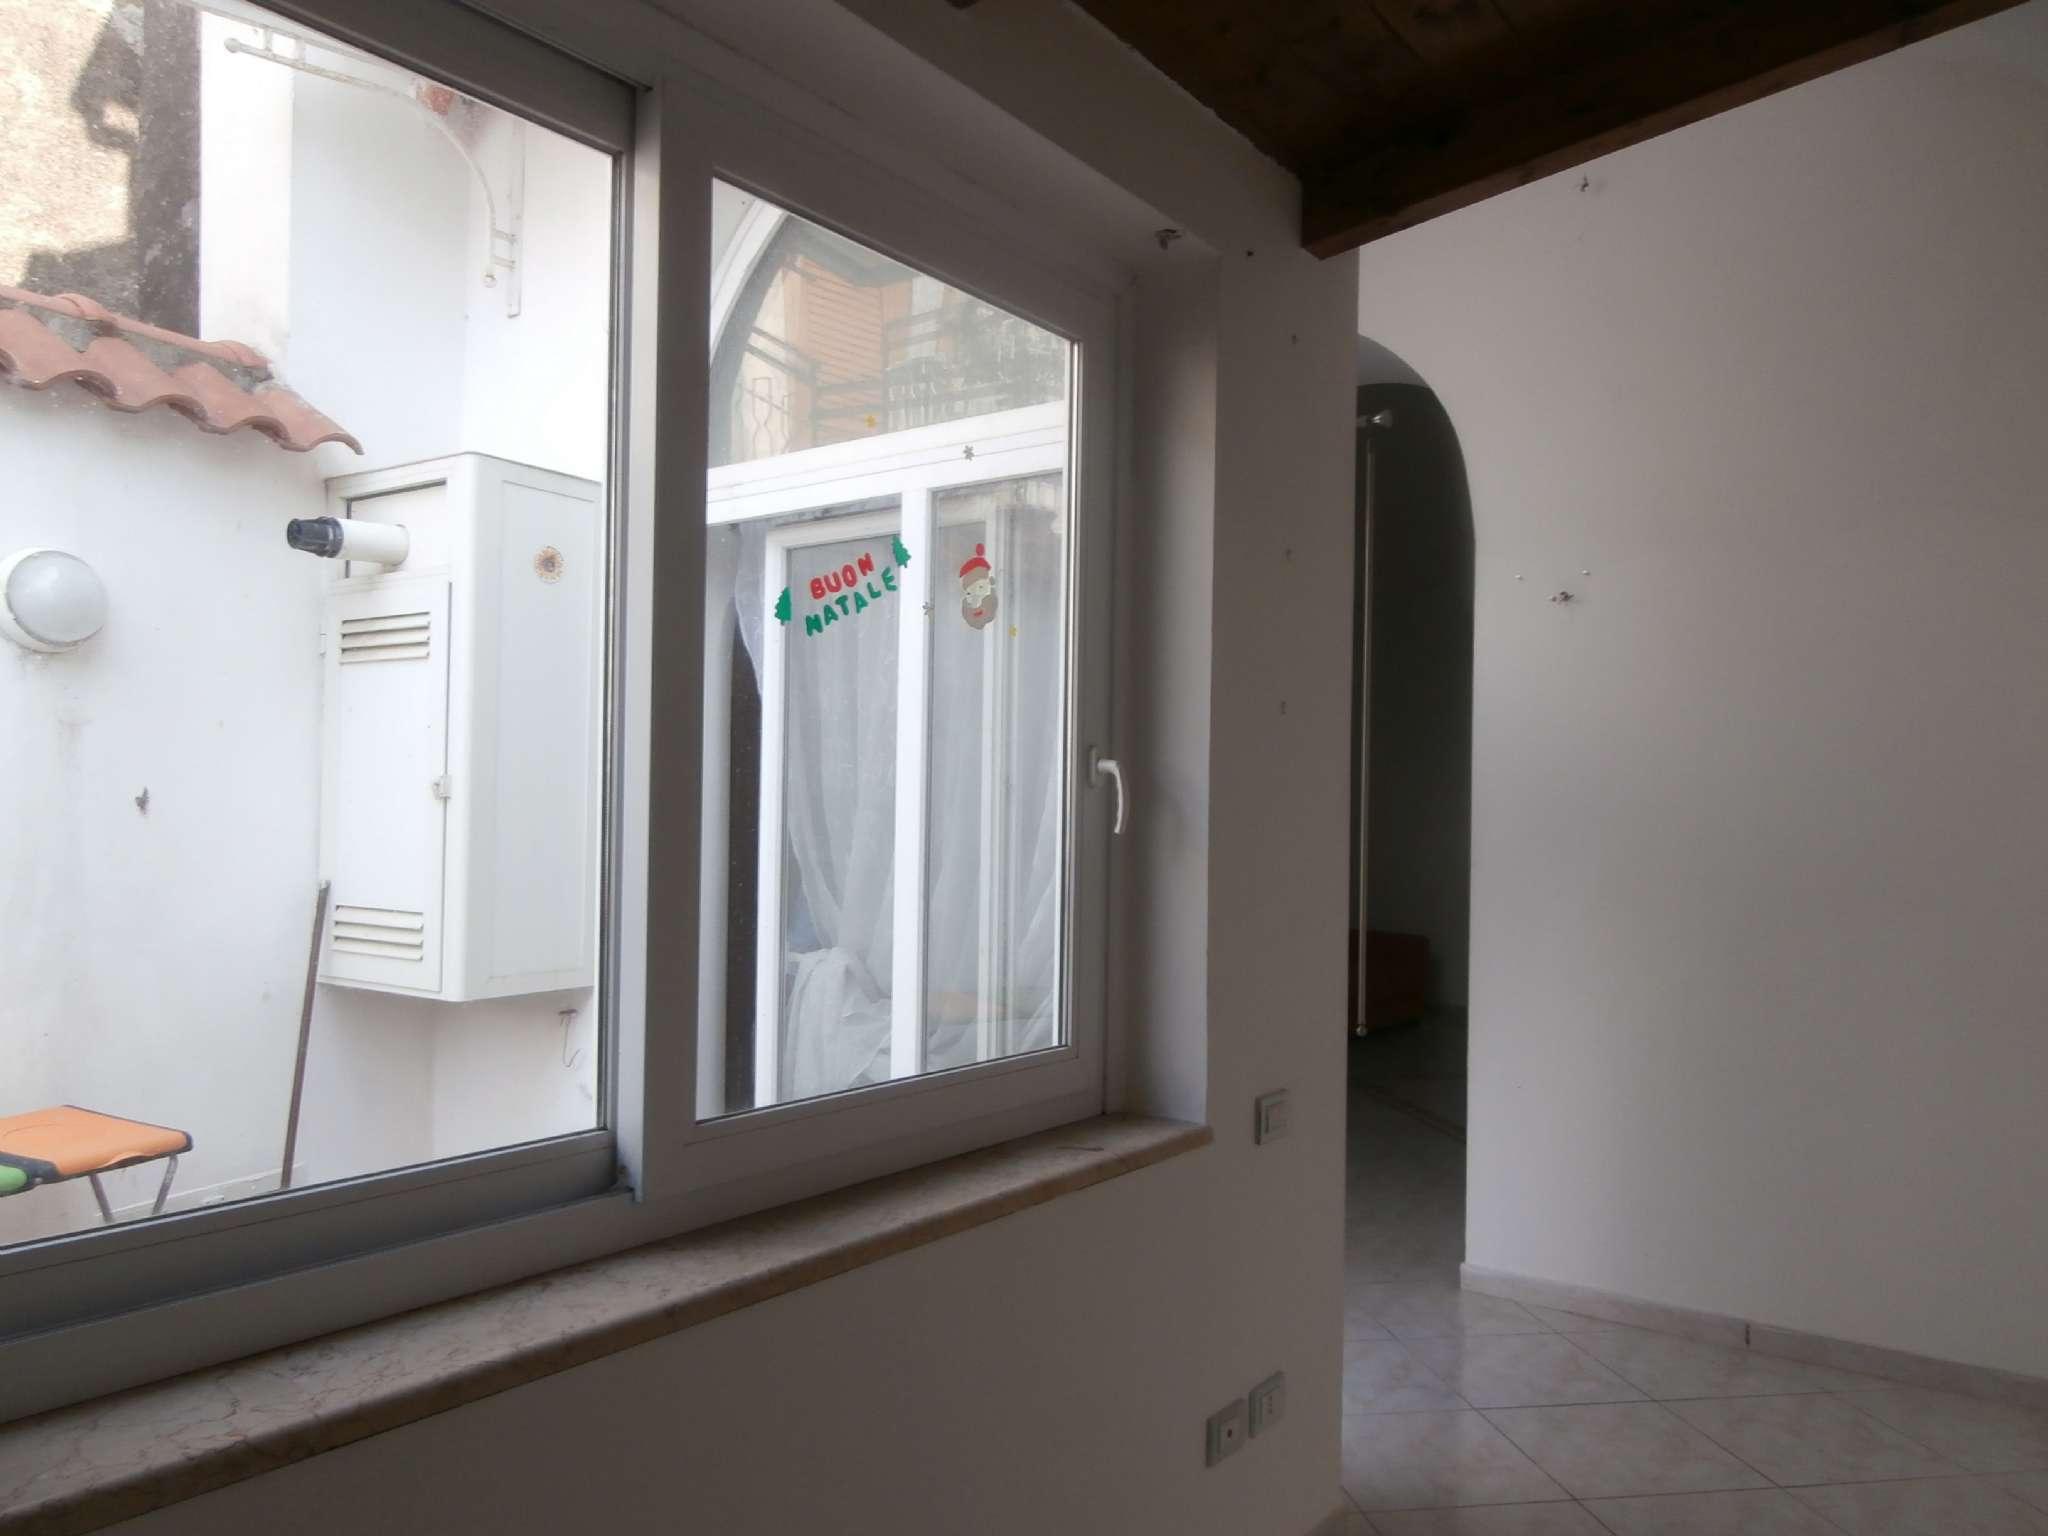 Appartamento in vendita a Cava de' Tirreni, 2 locali, prezzo € 79.000 | PortaleAgenzieImmobiliari.it